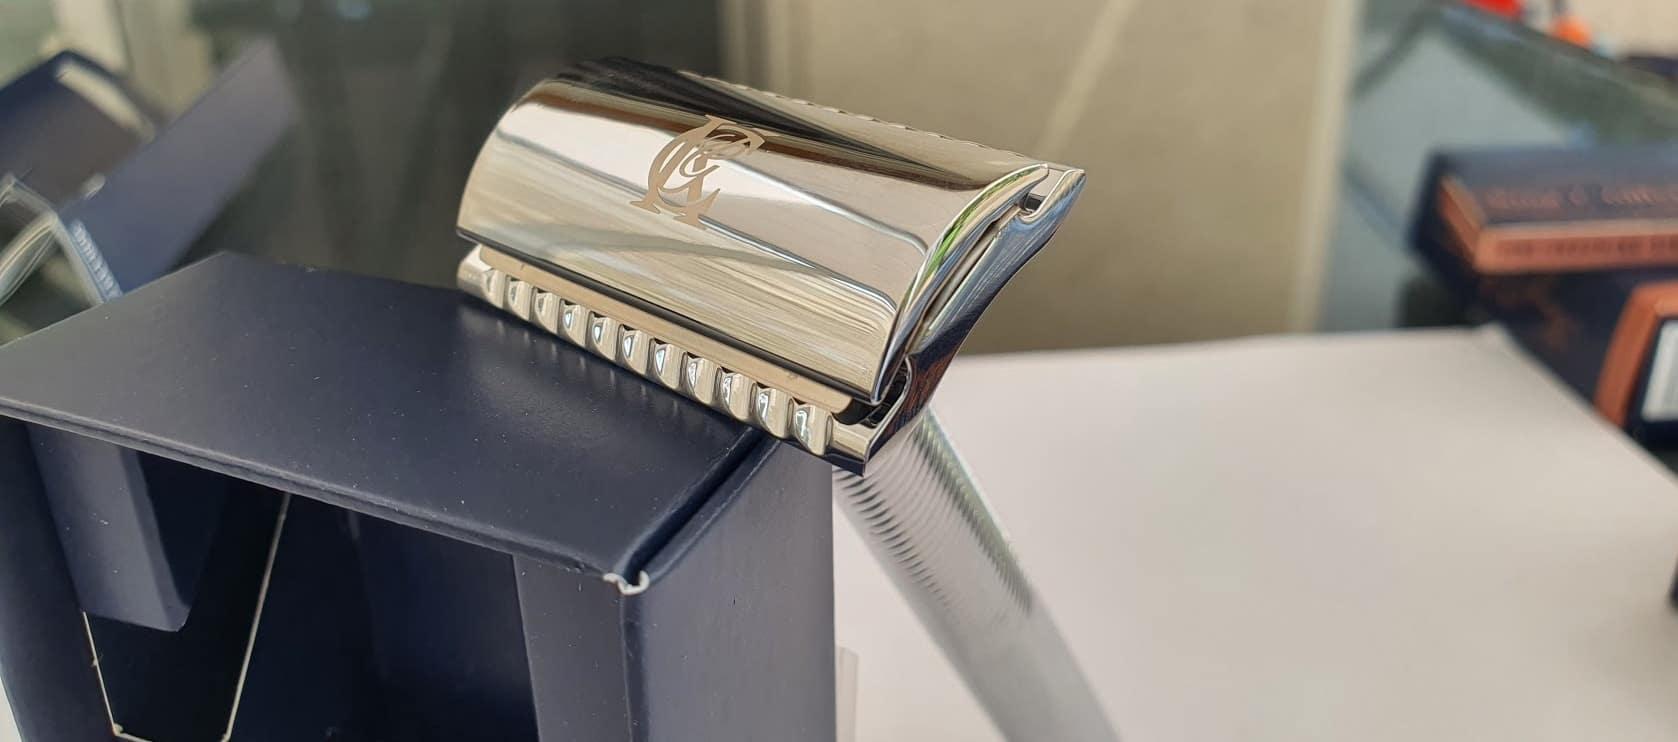 Gillette King C. Rasierhobel Testbericht - Geschlossener Kamm